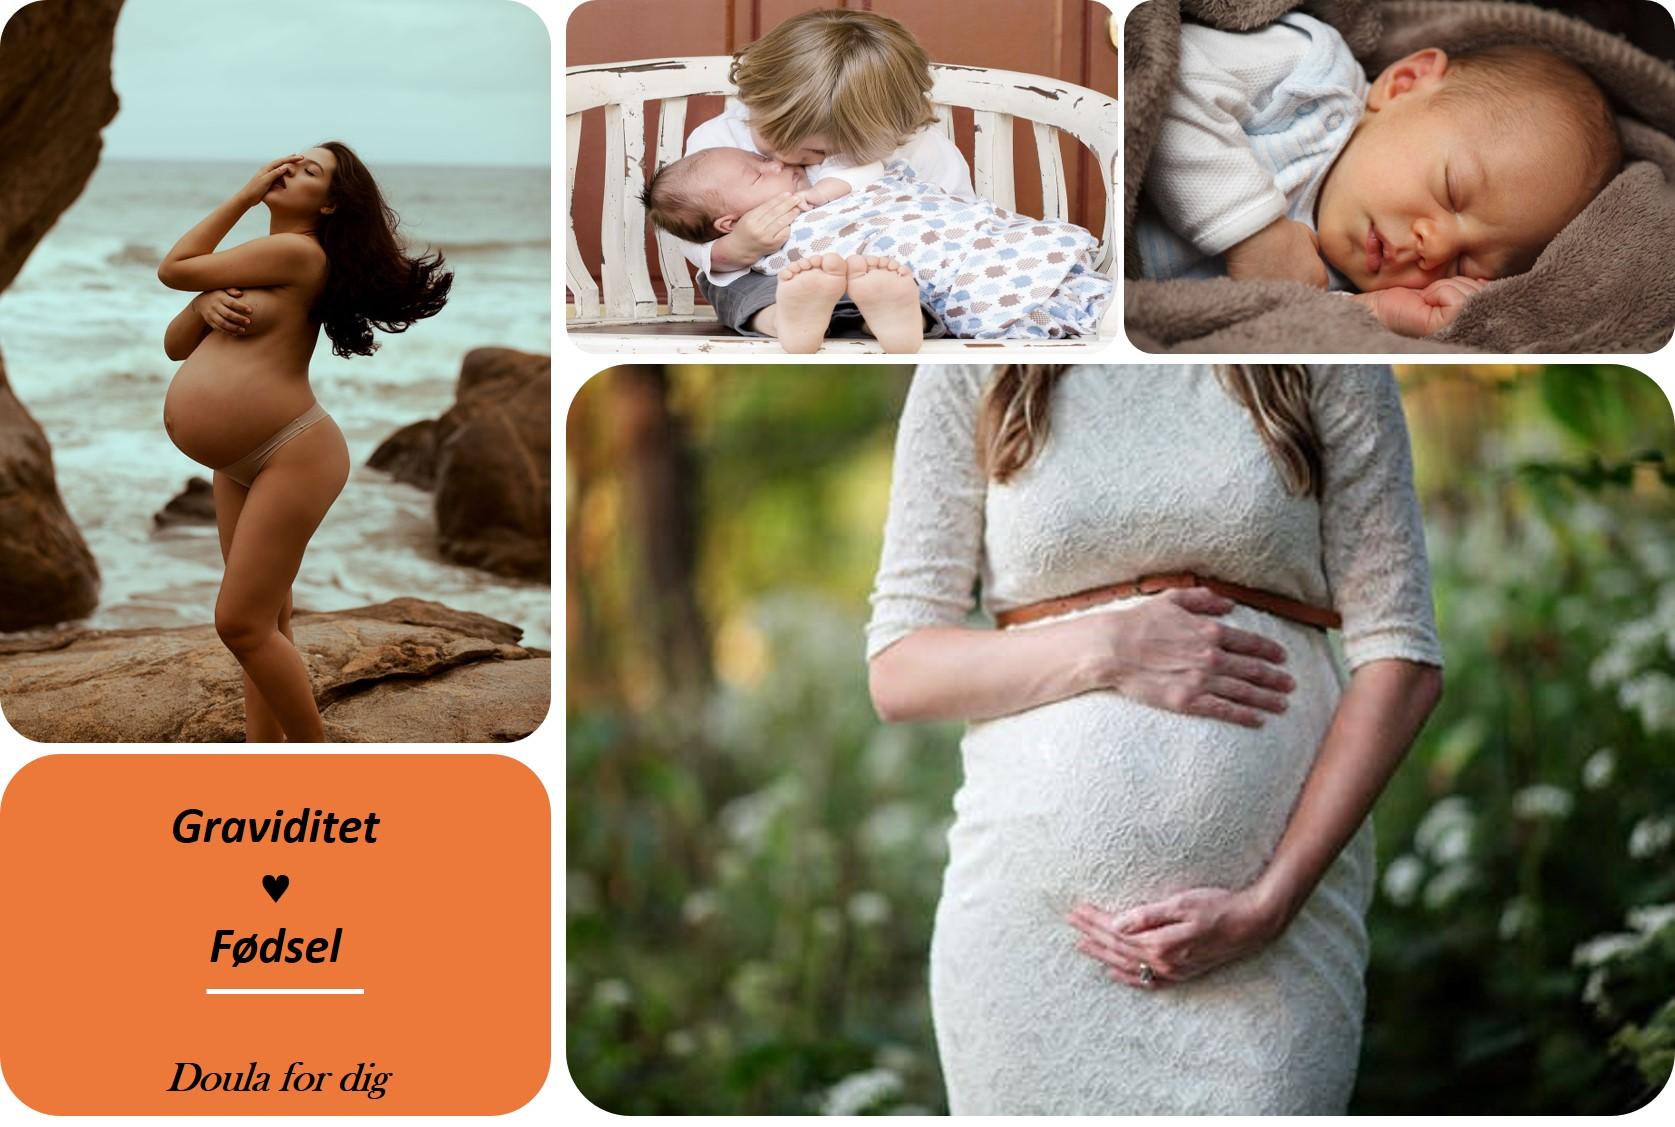 doula for dig gravid, fødsel, rebozo amning fødselsforberedelse